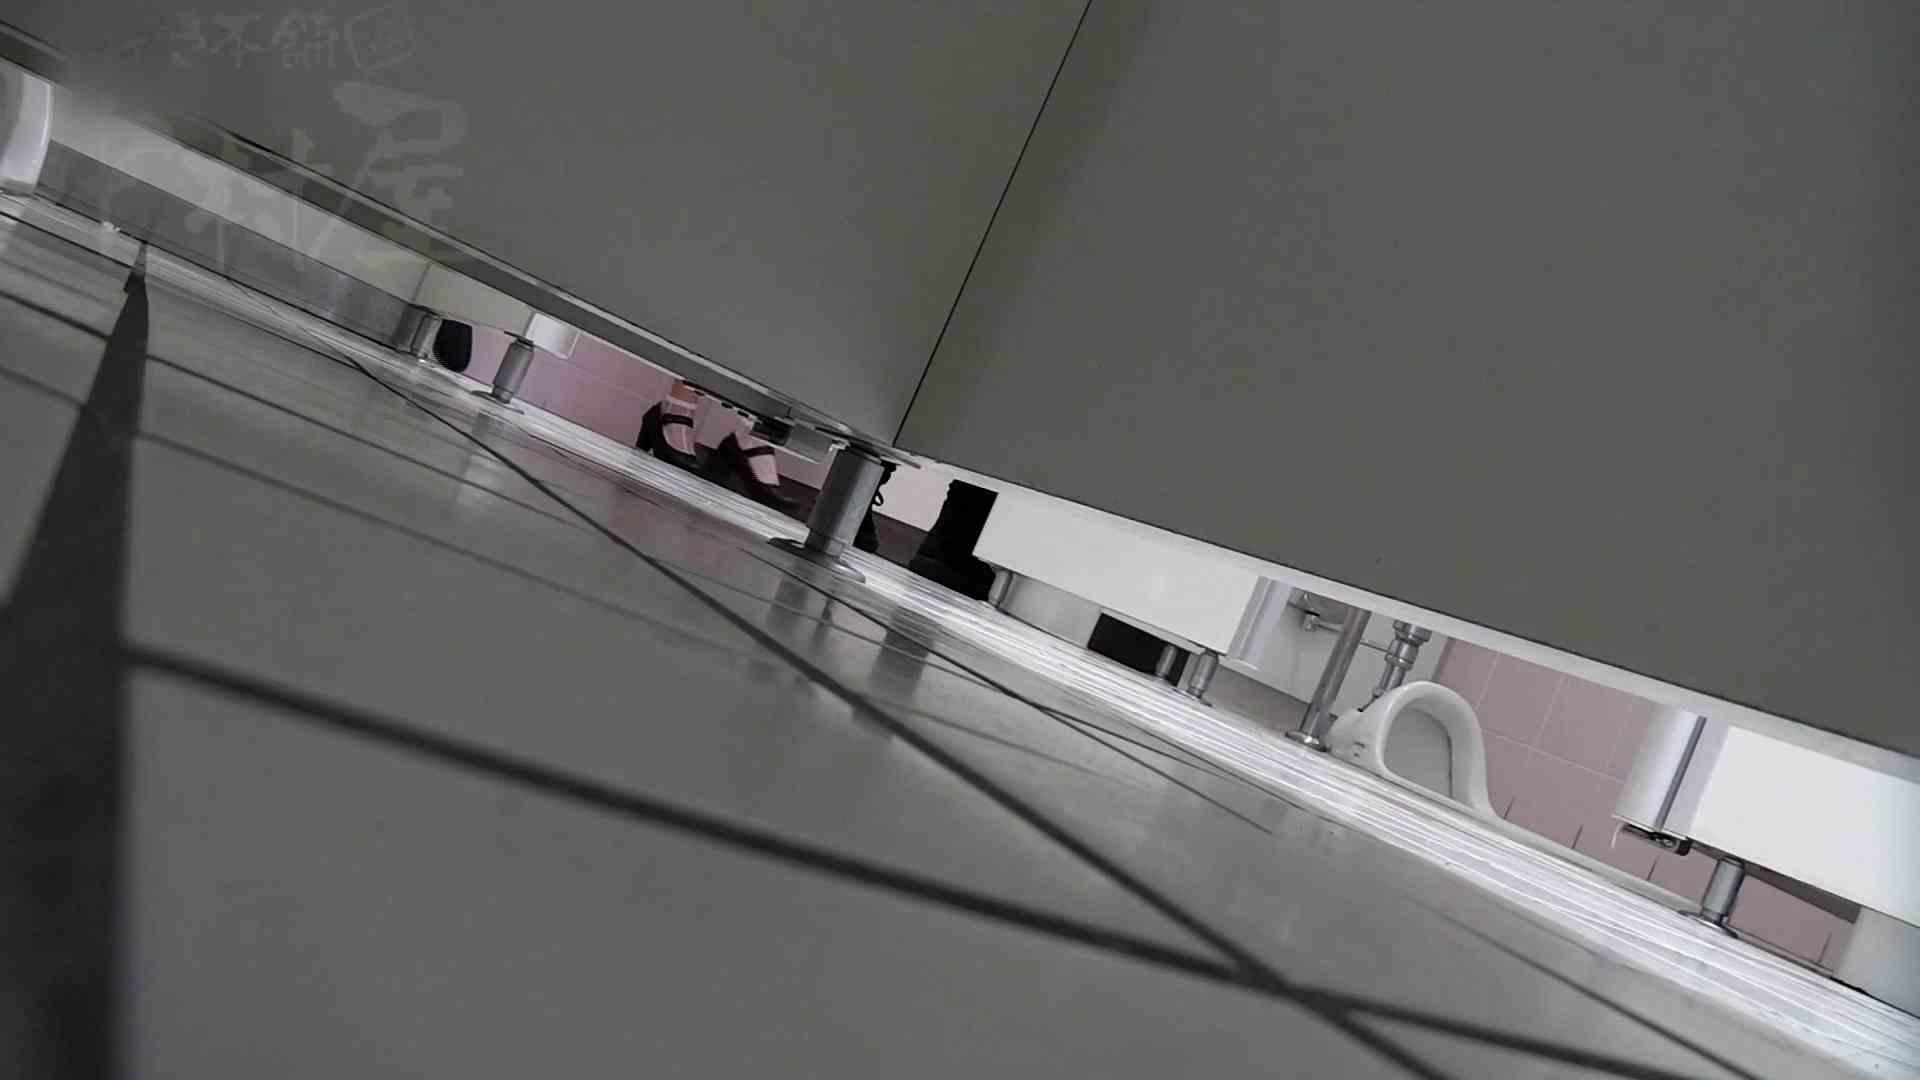 美しい日本の未来 No.24近すぎて怖っ! トイレ おめこ無修正画像 65枚 6